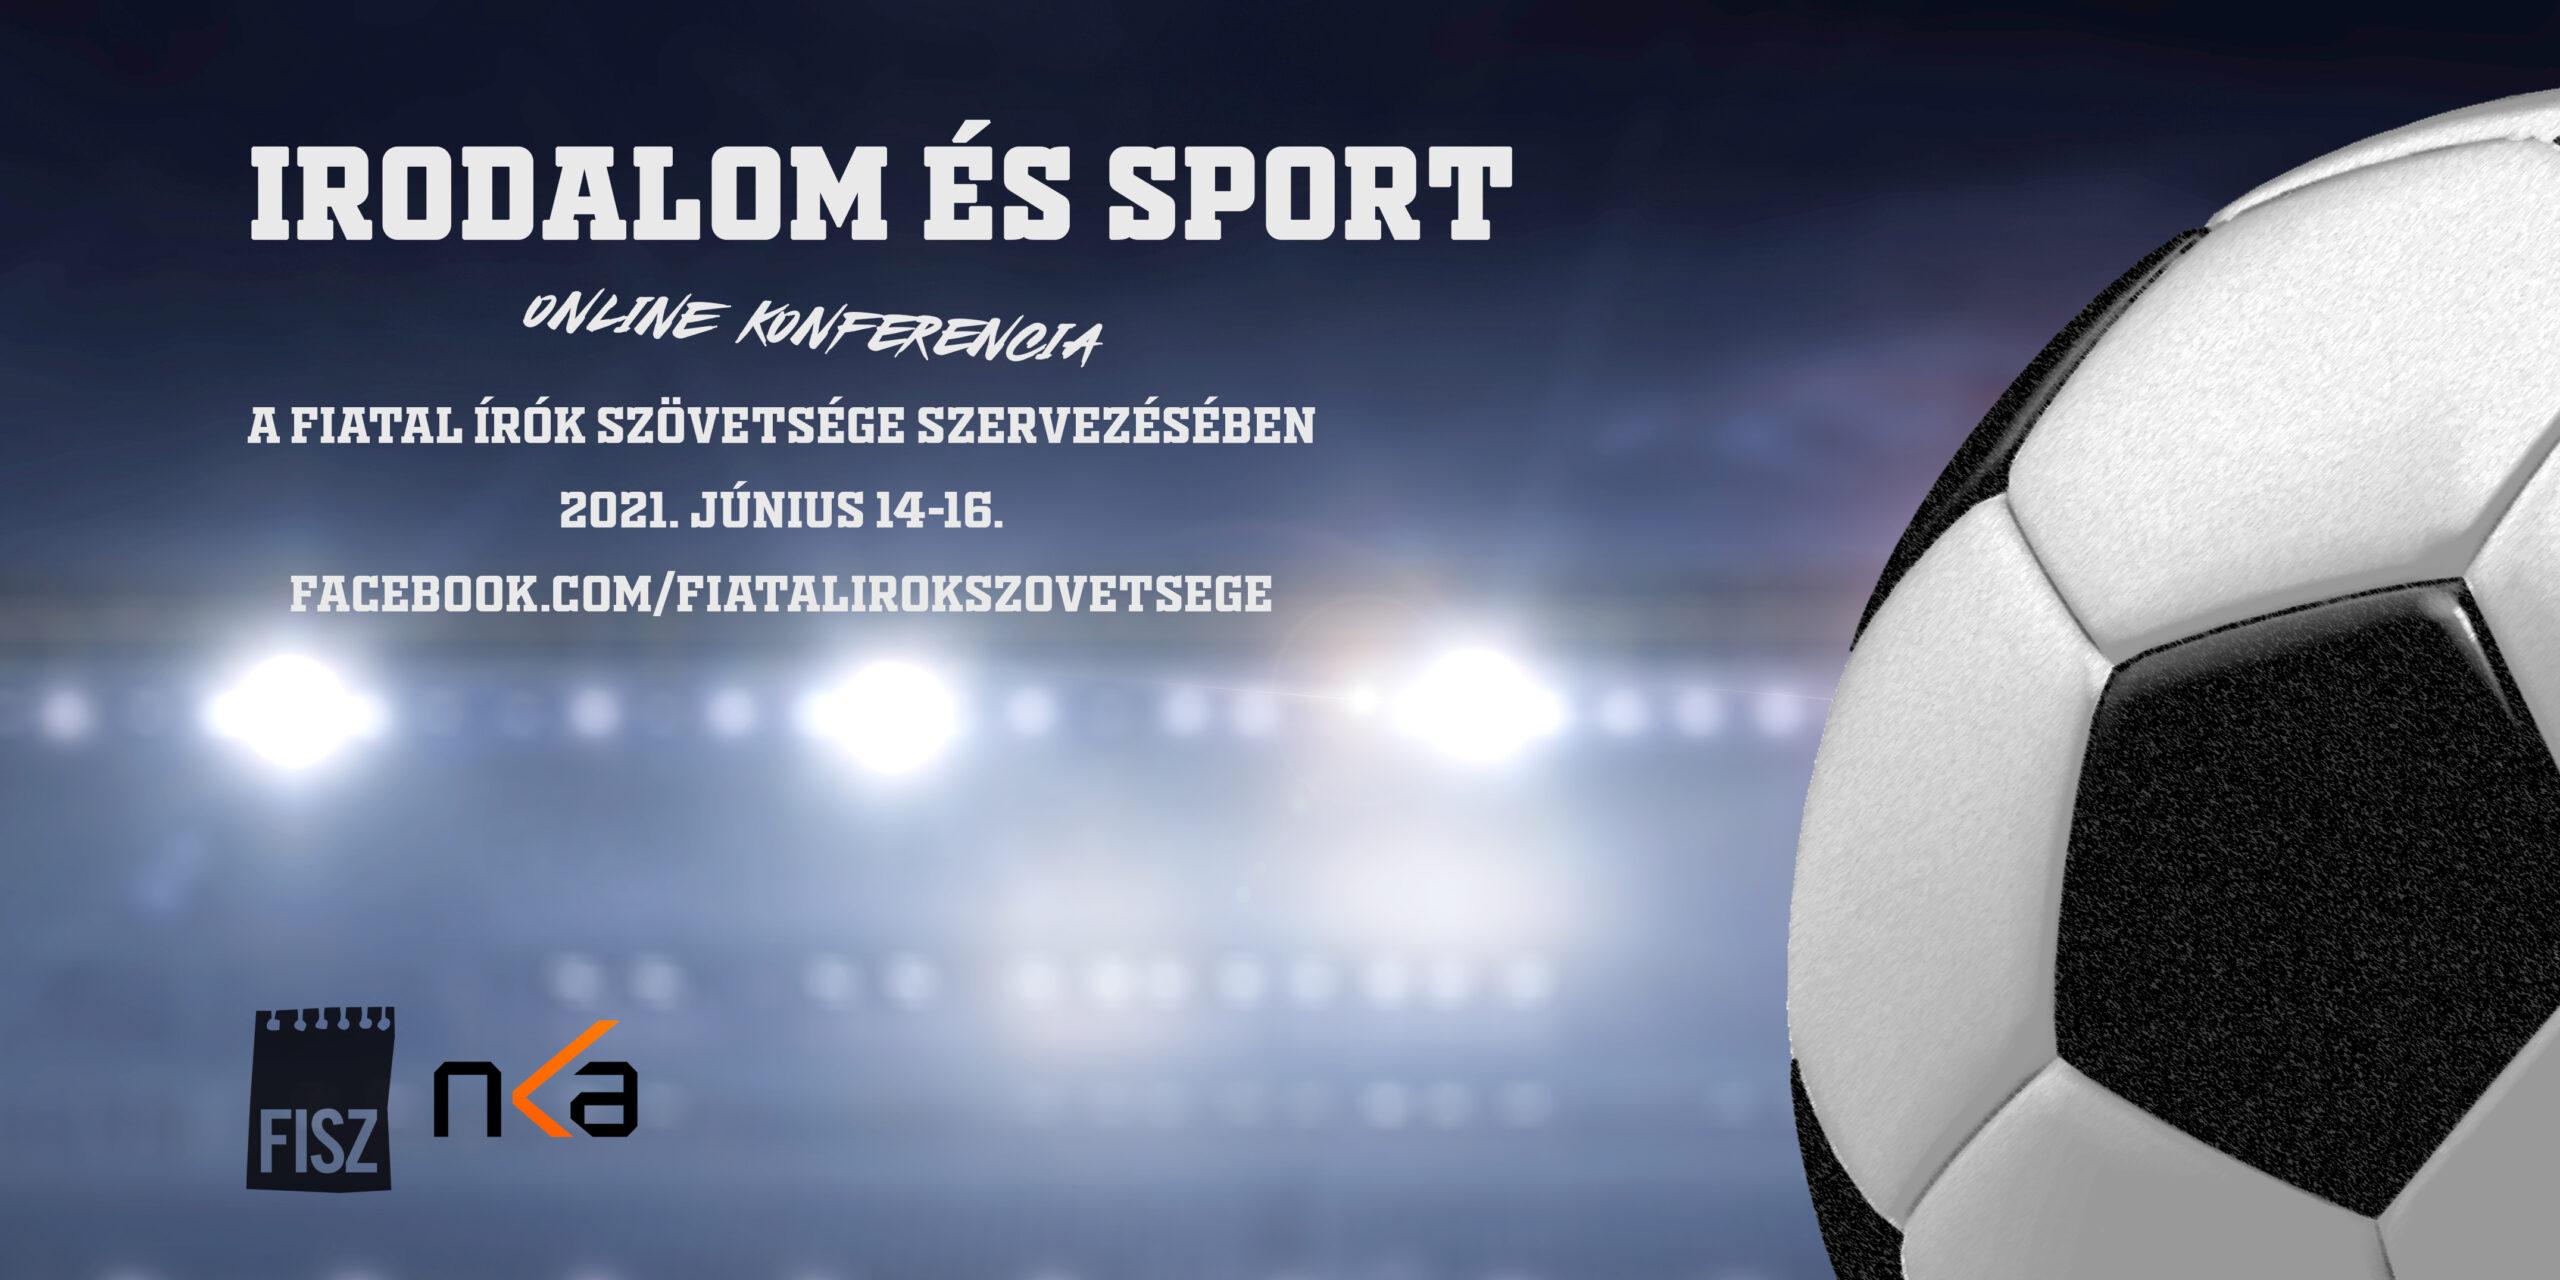 Irodalom és sport online konferencia (forrás: FISZ)